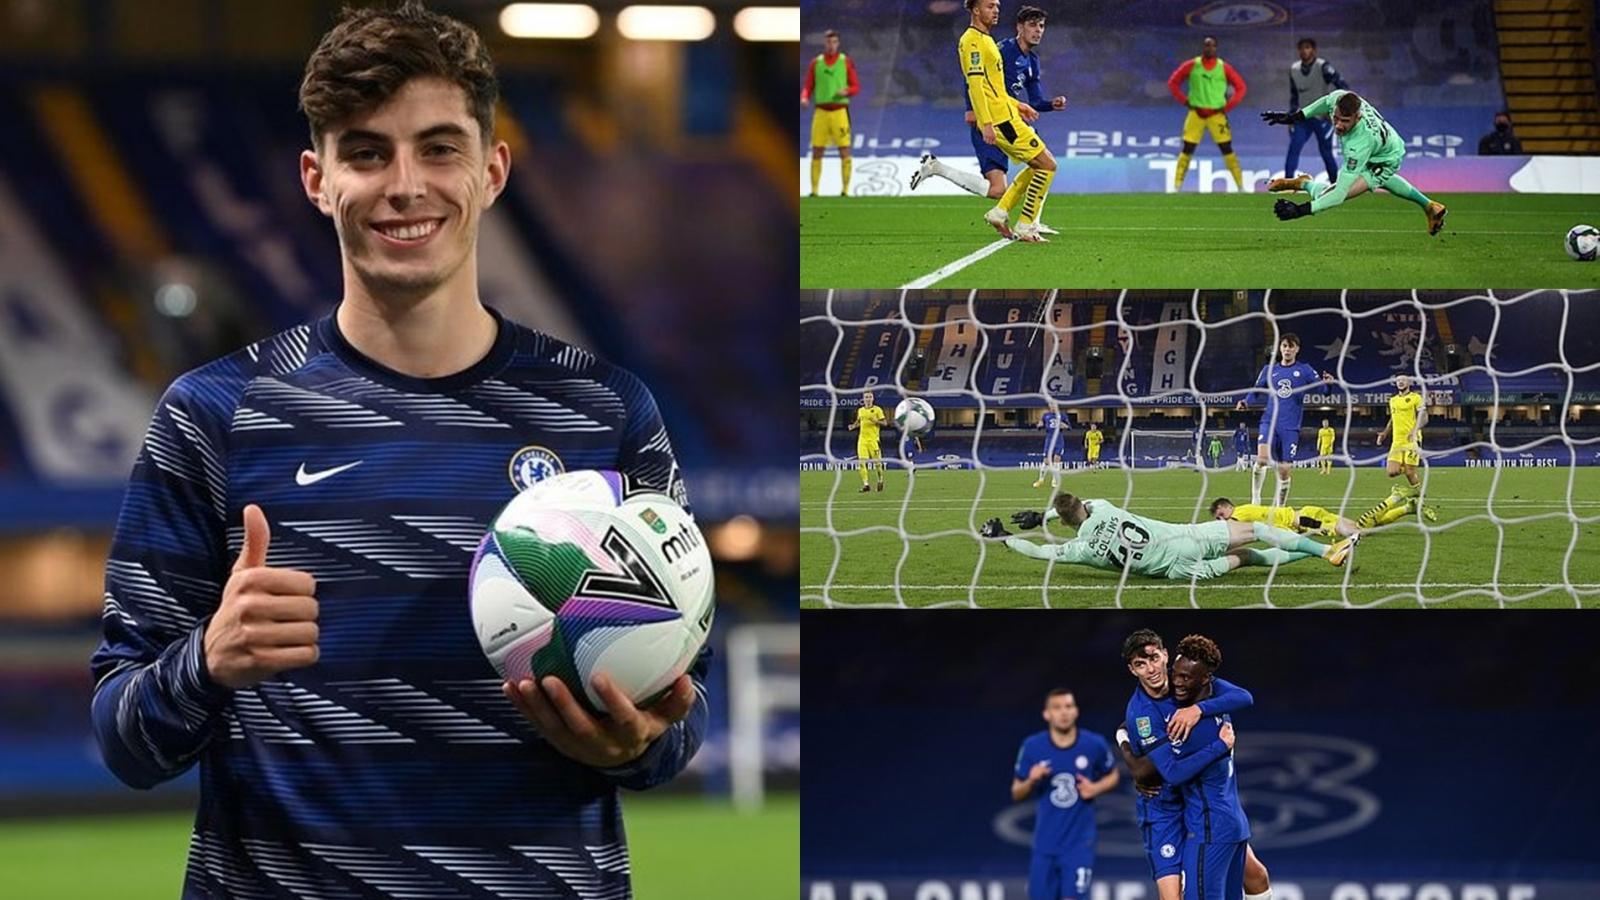 Lập hat-trick giúp Chelsea thắng 6-0, Kai Havertz đập tan mọi nghi ngờ